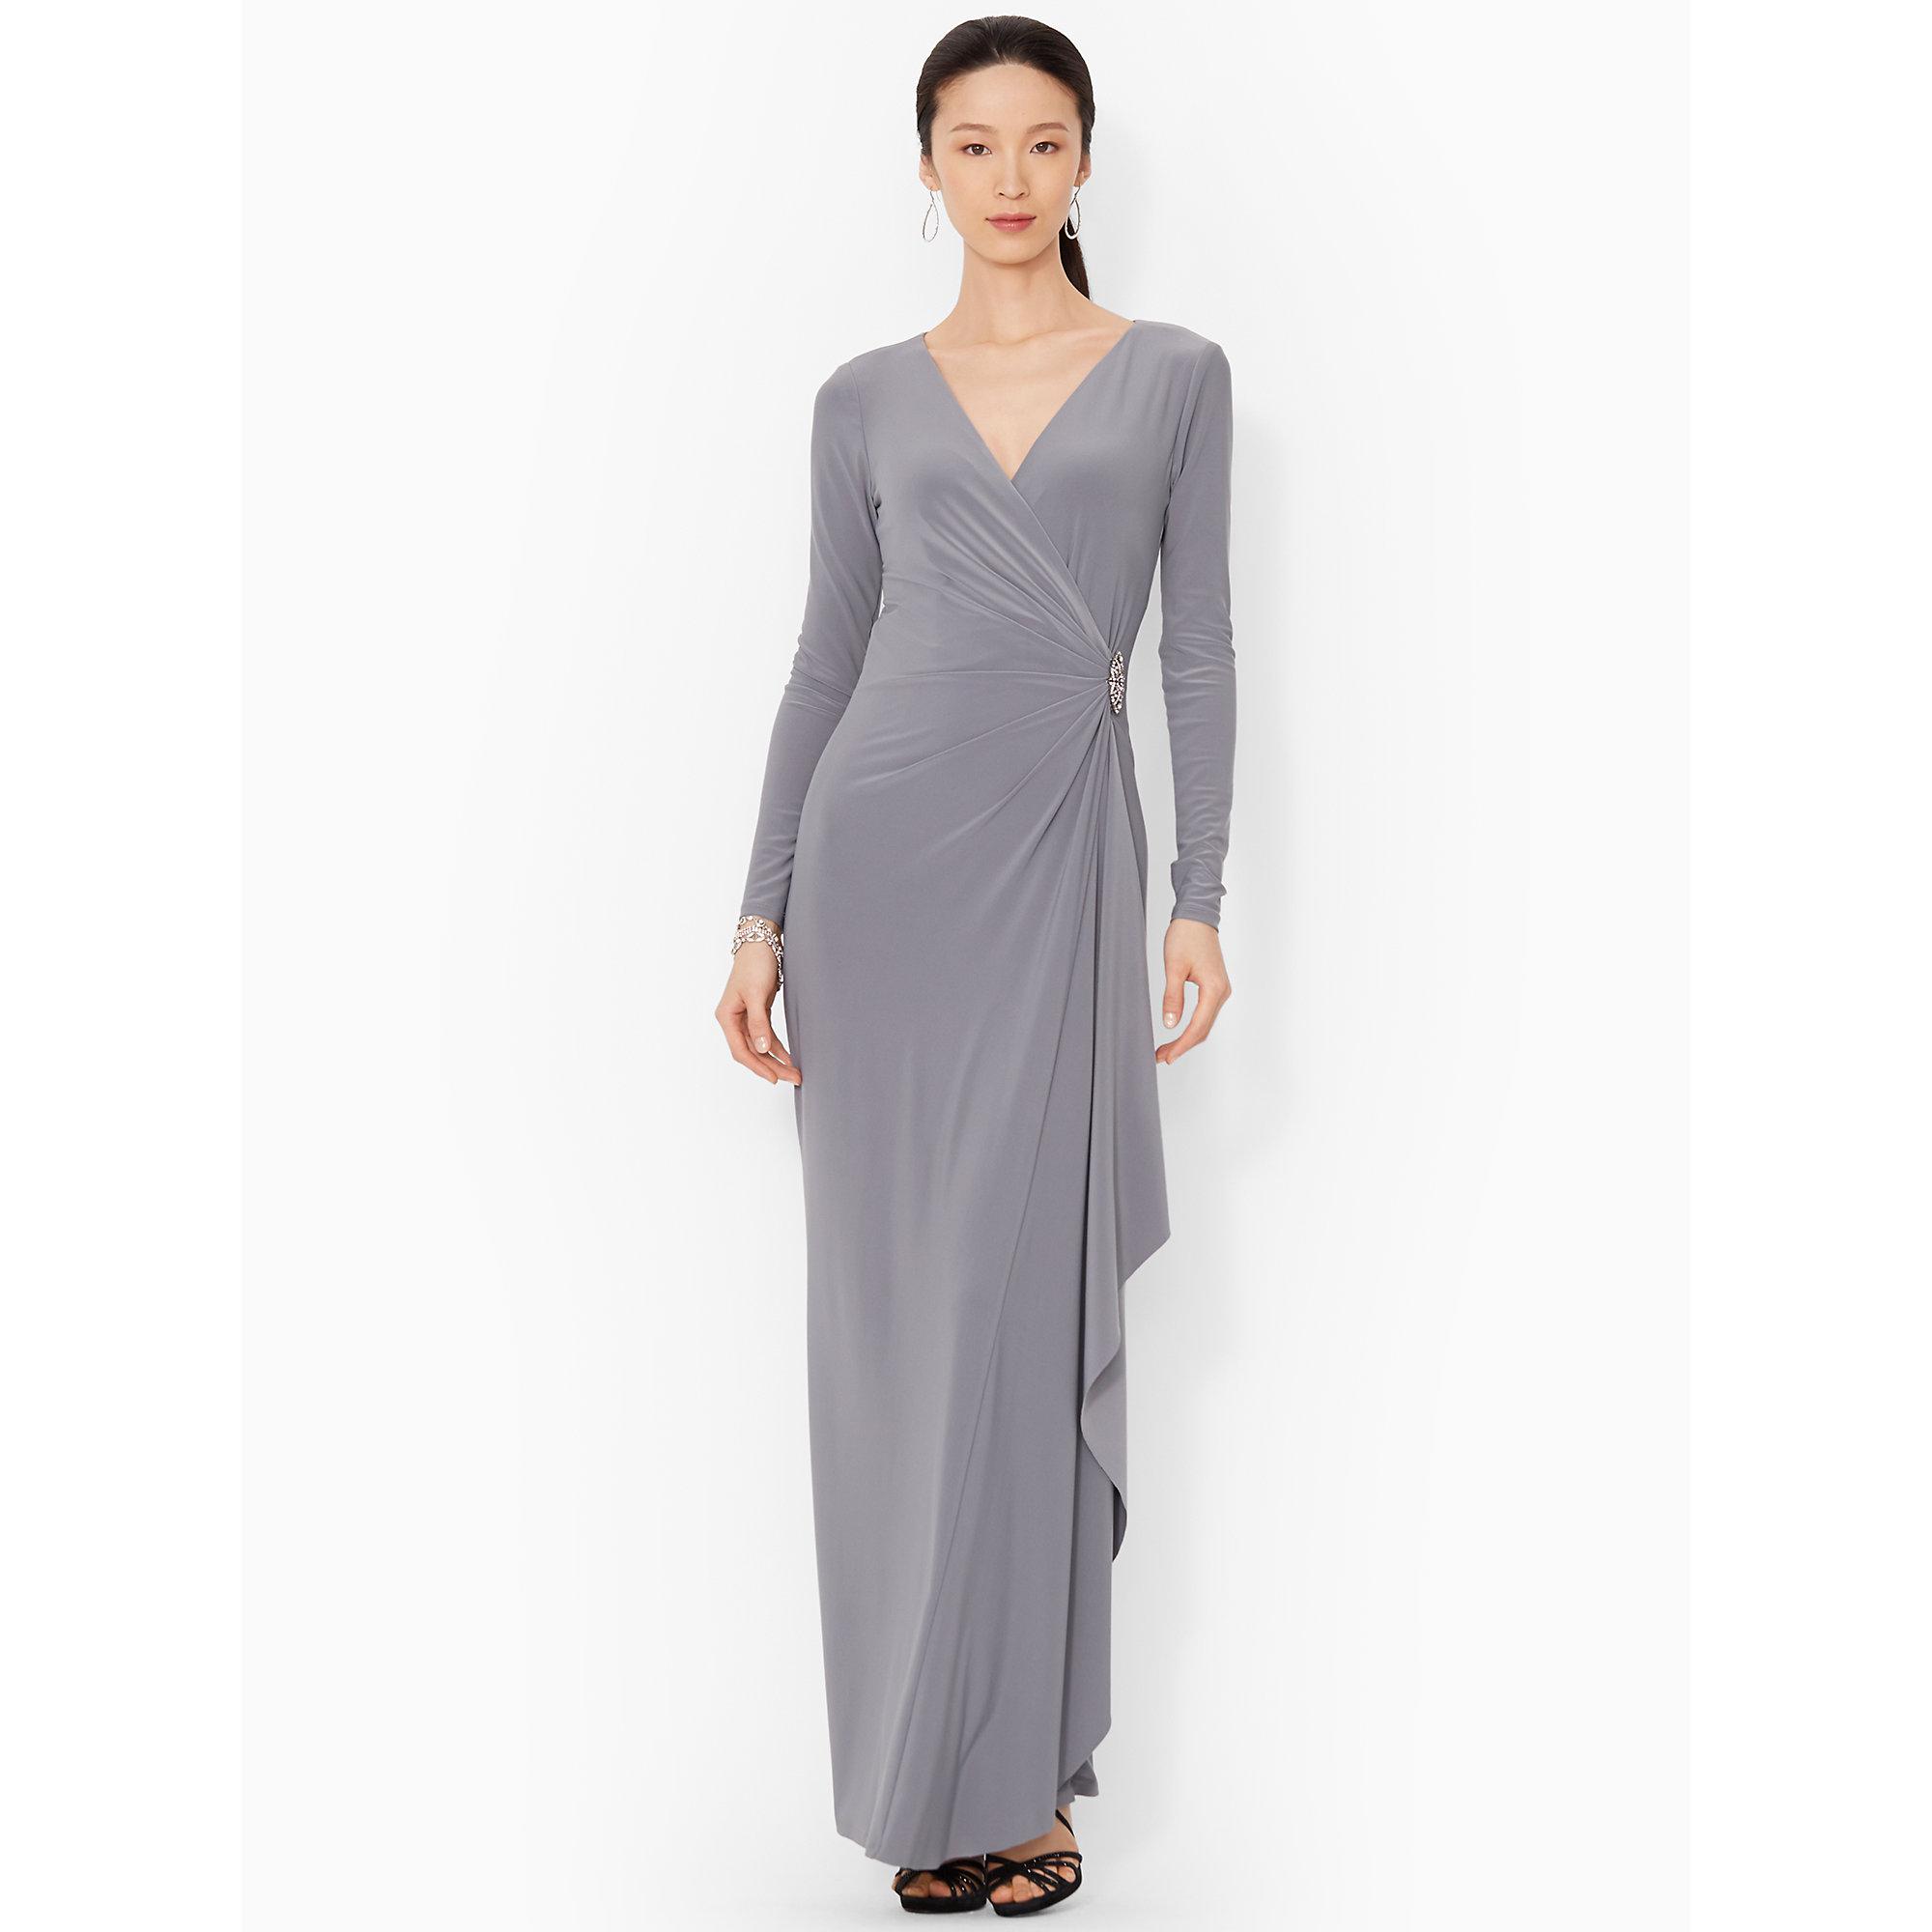 Lyst - Lauren By Ralph Lauren Surplice Jersey Gown in Gray